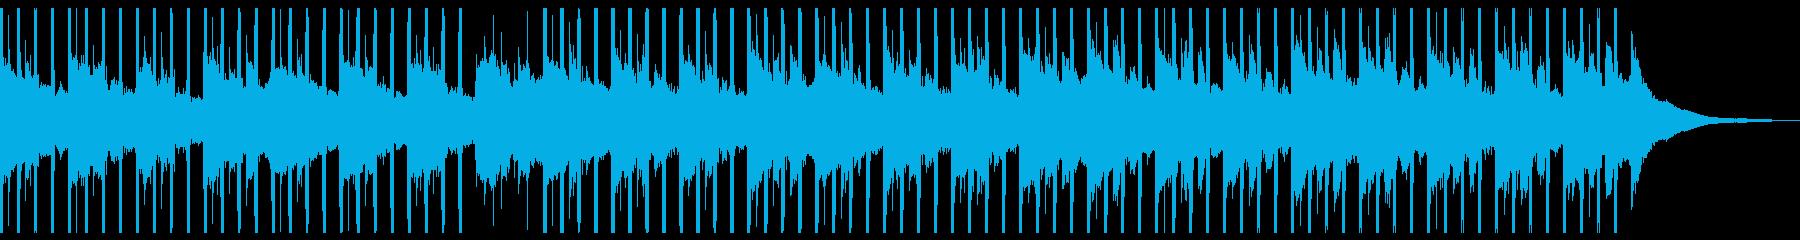 広告の背景(ショート1)の再生済みの波形